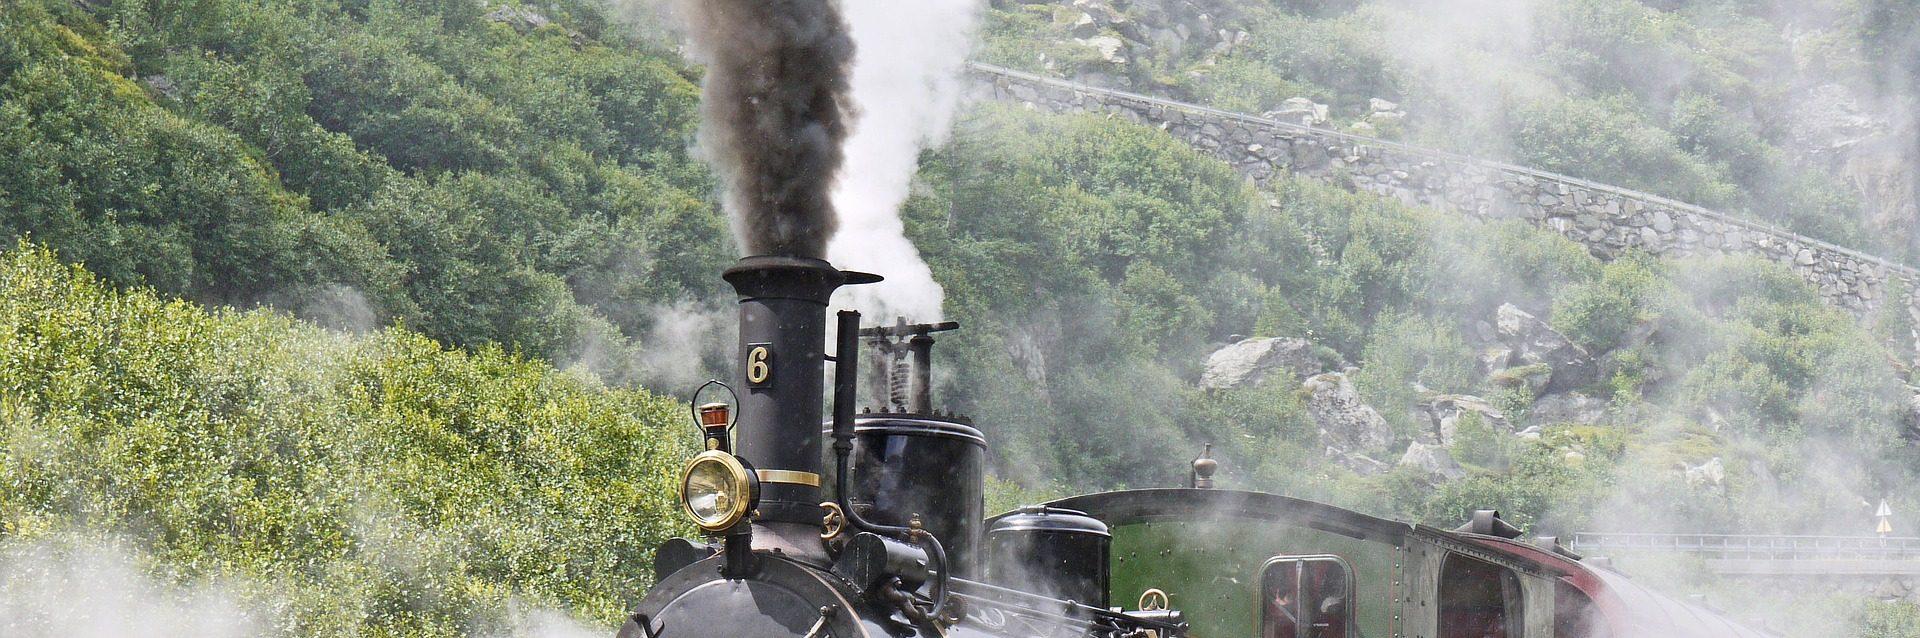 Locomotive Breath es un relato escrito por Miguel Rodríguez Echeandía protagonizado por sus personajes Marcos y Laura.